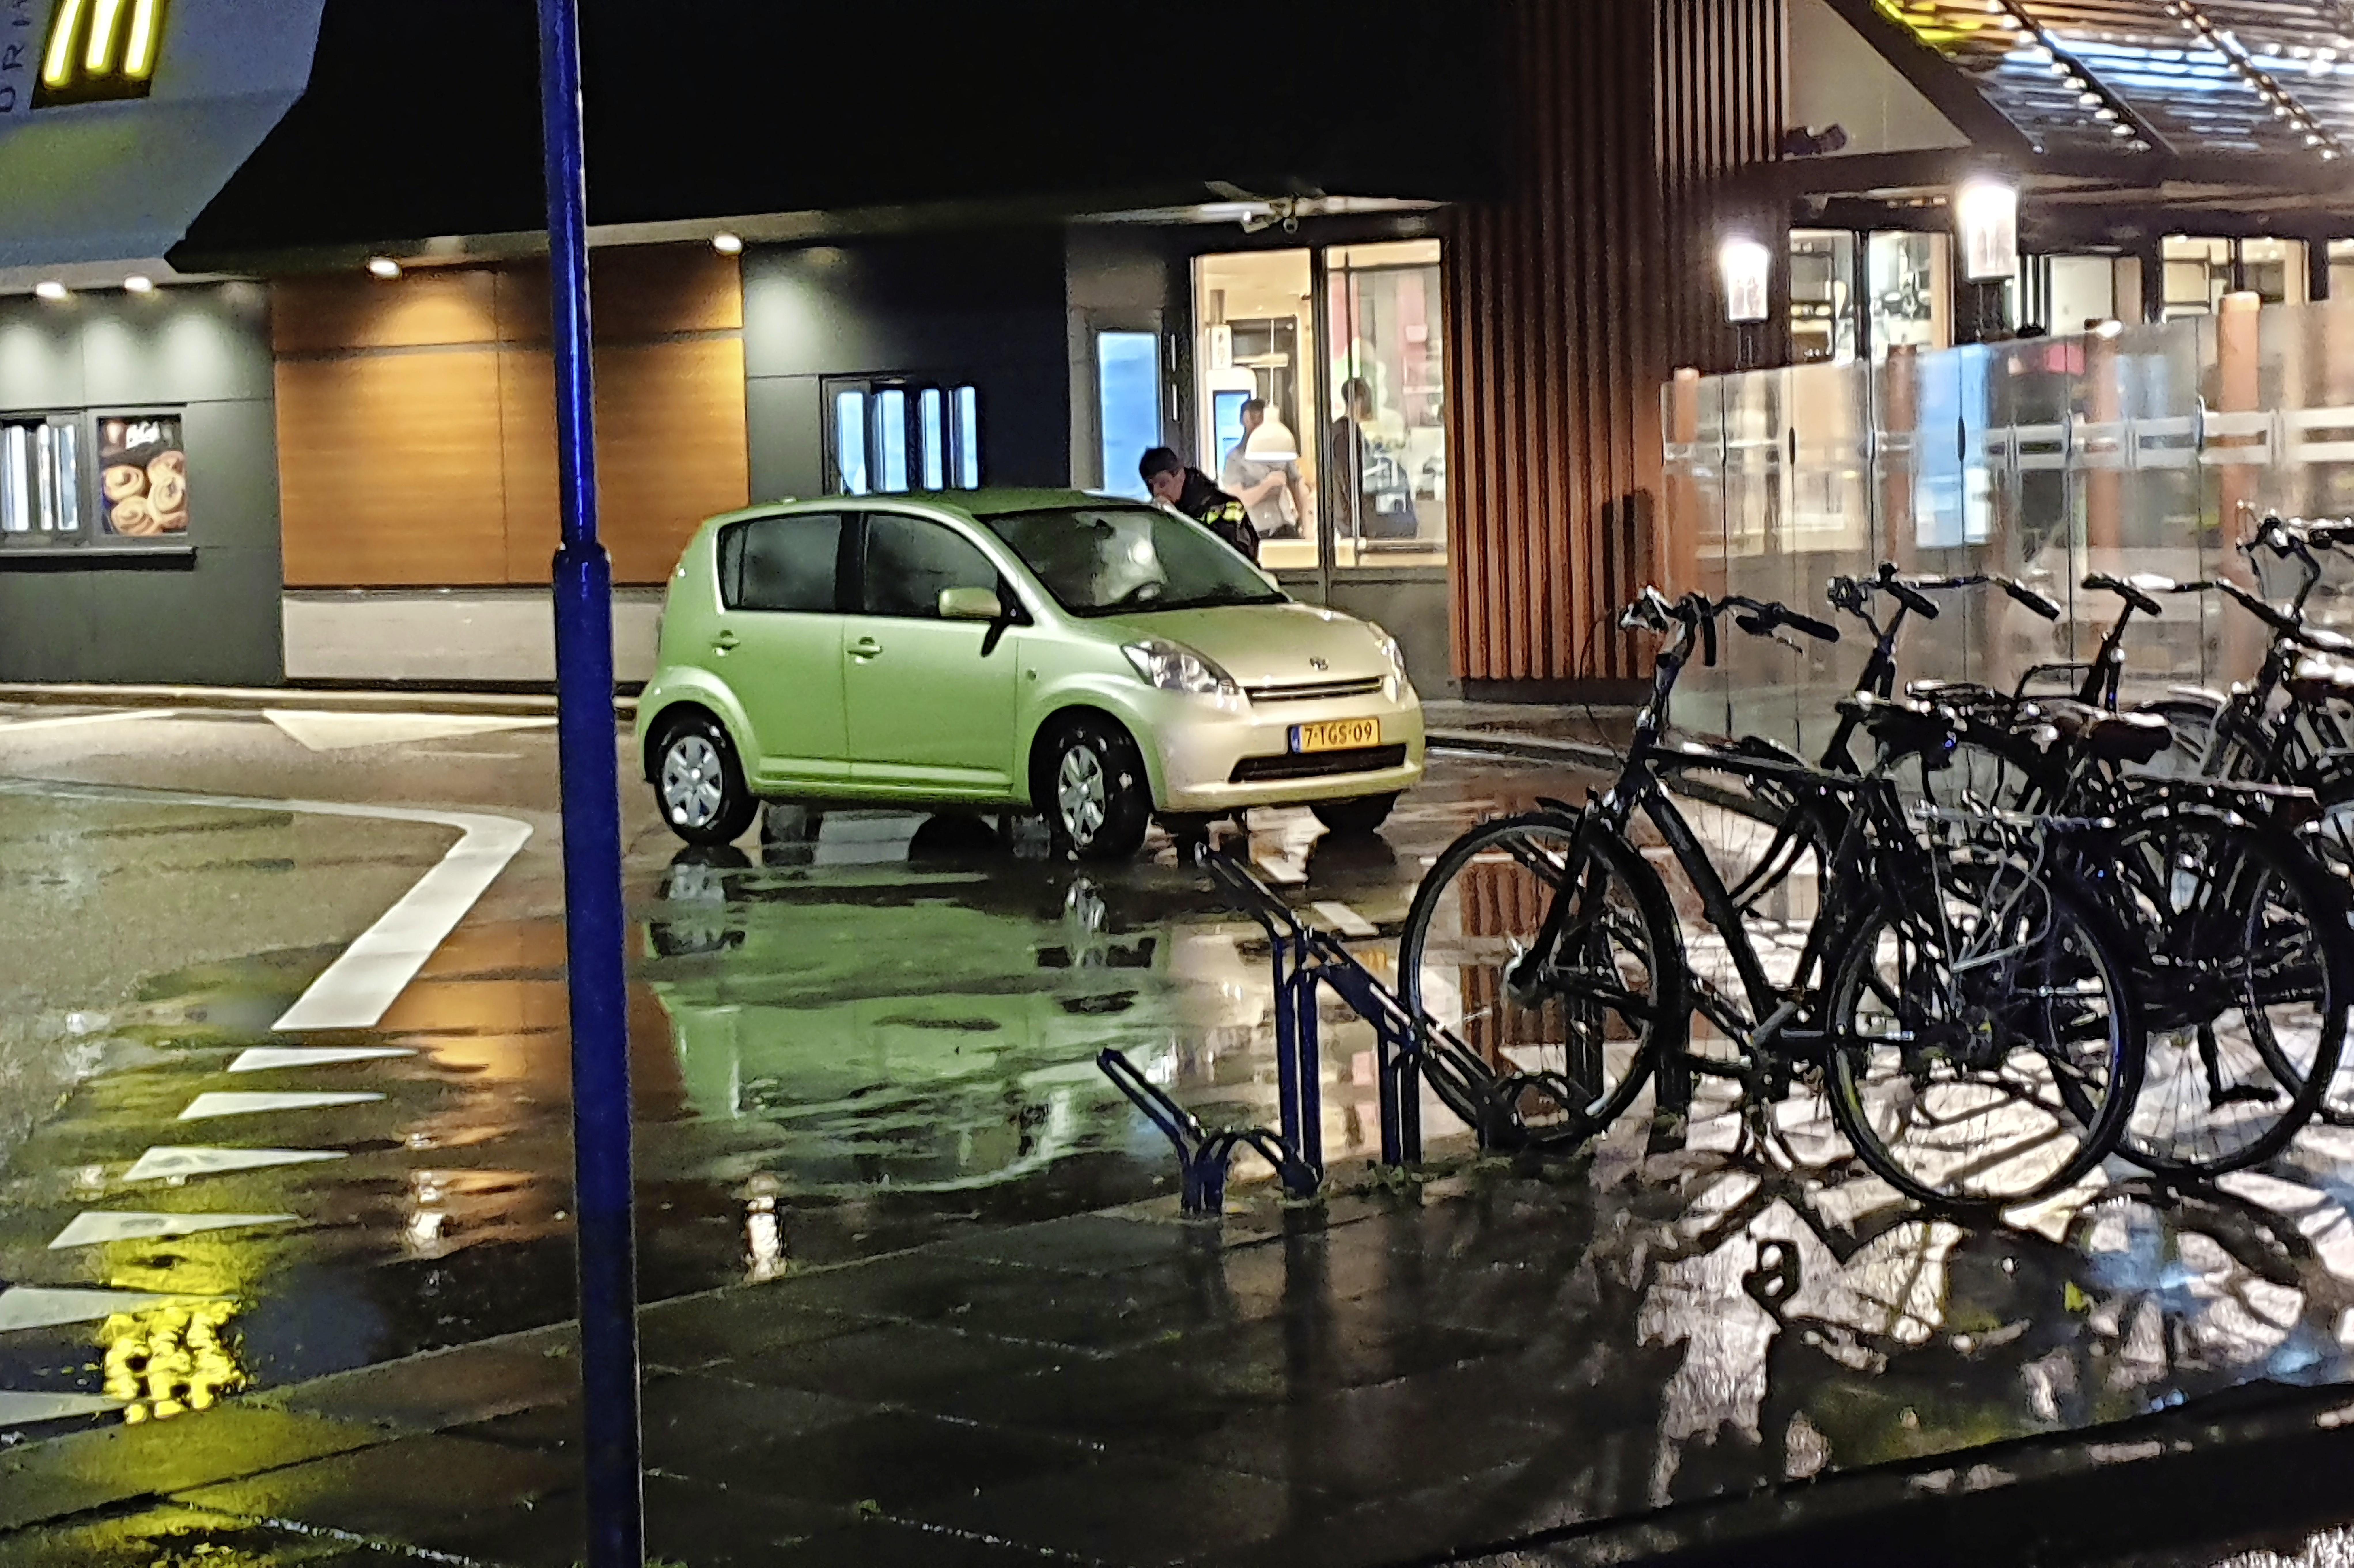 Respectievelijk zeven en zes jaar celstraf voor de twee hoofdverdachten van schietpartij op Kooypunt in Den Helder. Een van hen tekent direct hoger beroep aan